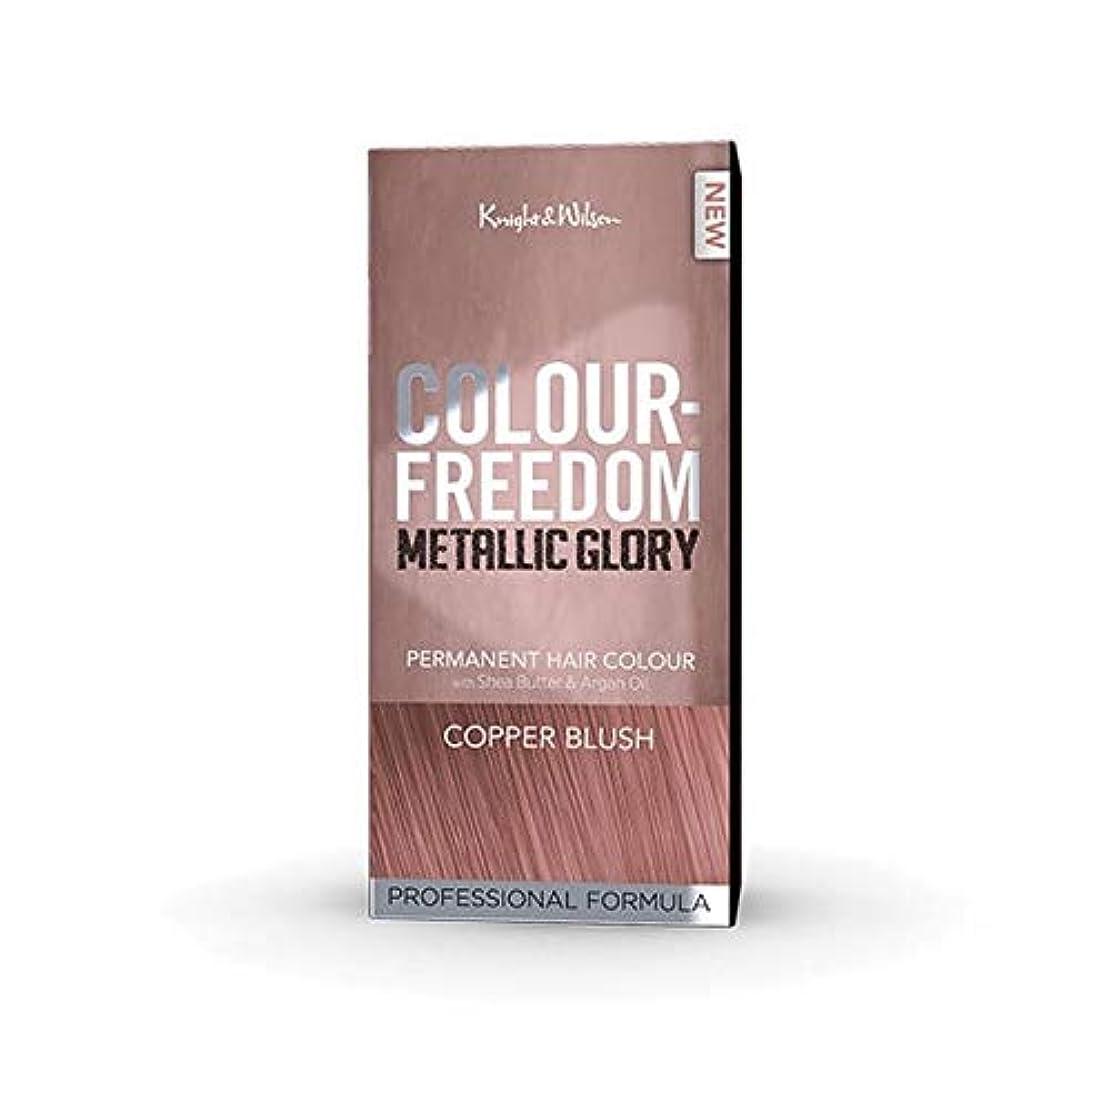 関与する司令官ペチコート[Colour Freedom ] 色自由金属栄光銅赤面 - Colour Freedom Metallic Glory Copper Blush [並行輸入品]